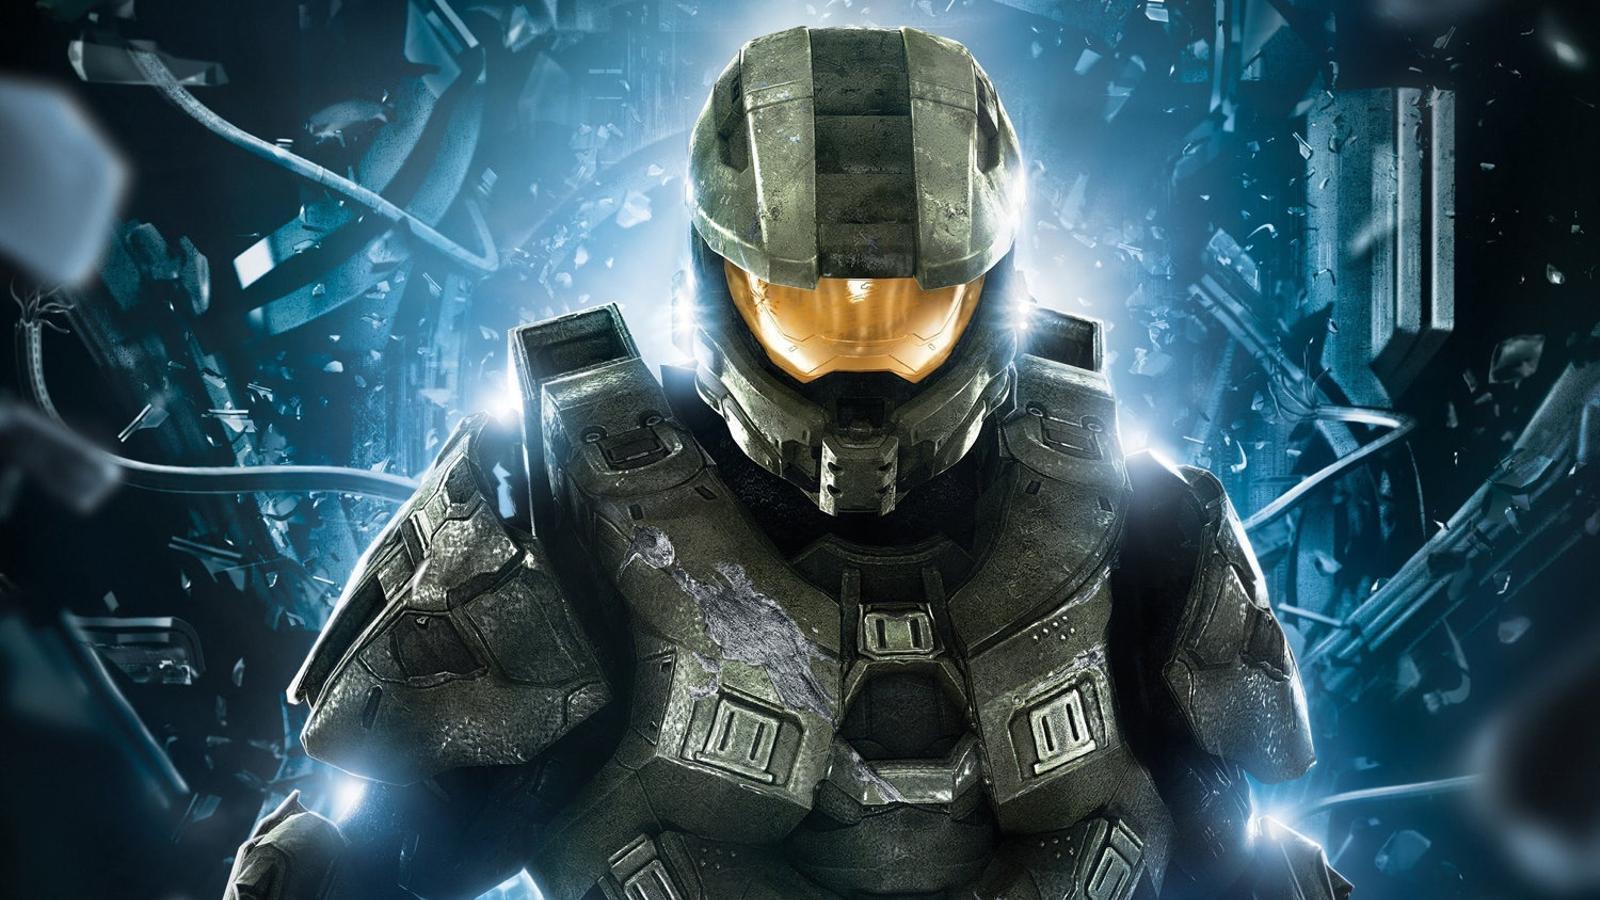 Llum verda a la sèrie de Spielberg basada en el videojoc 'Halo'